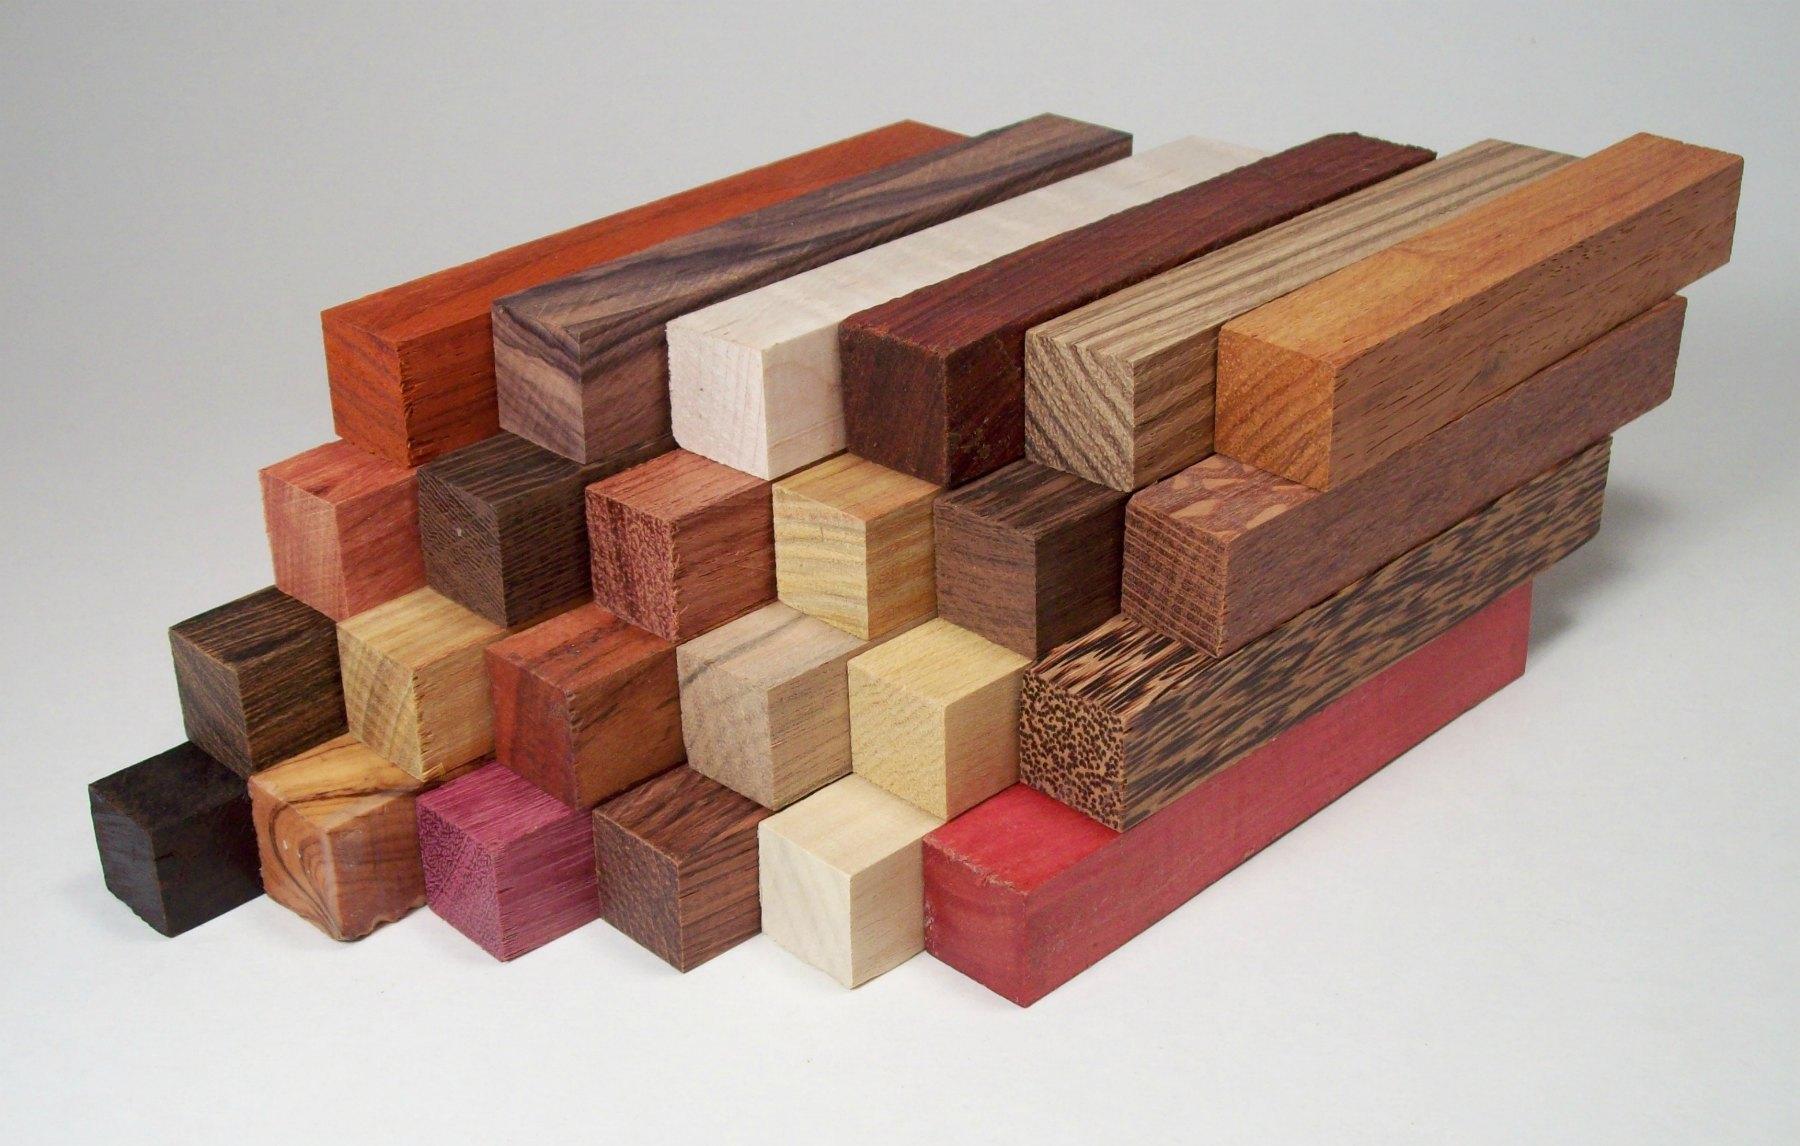 woodturningblanks